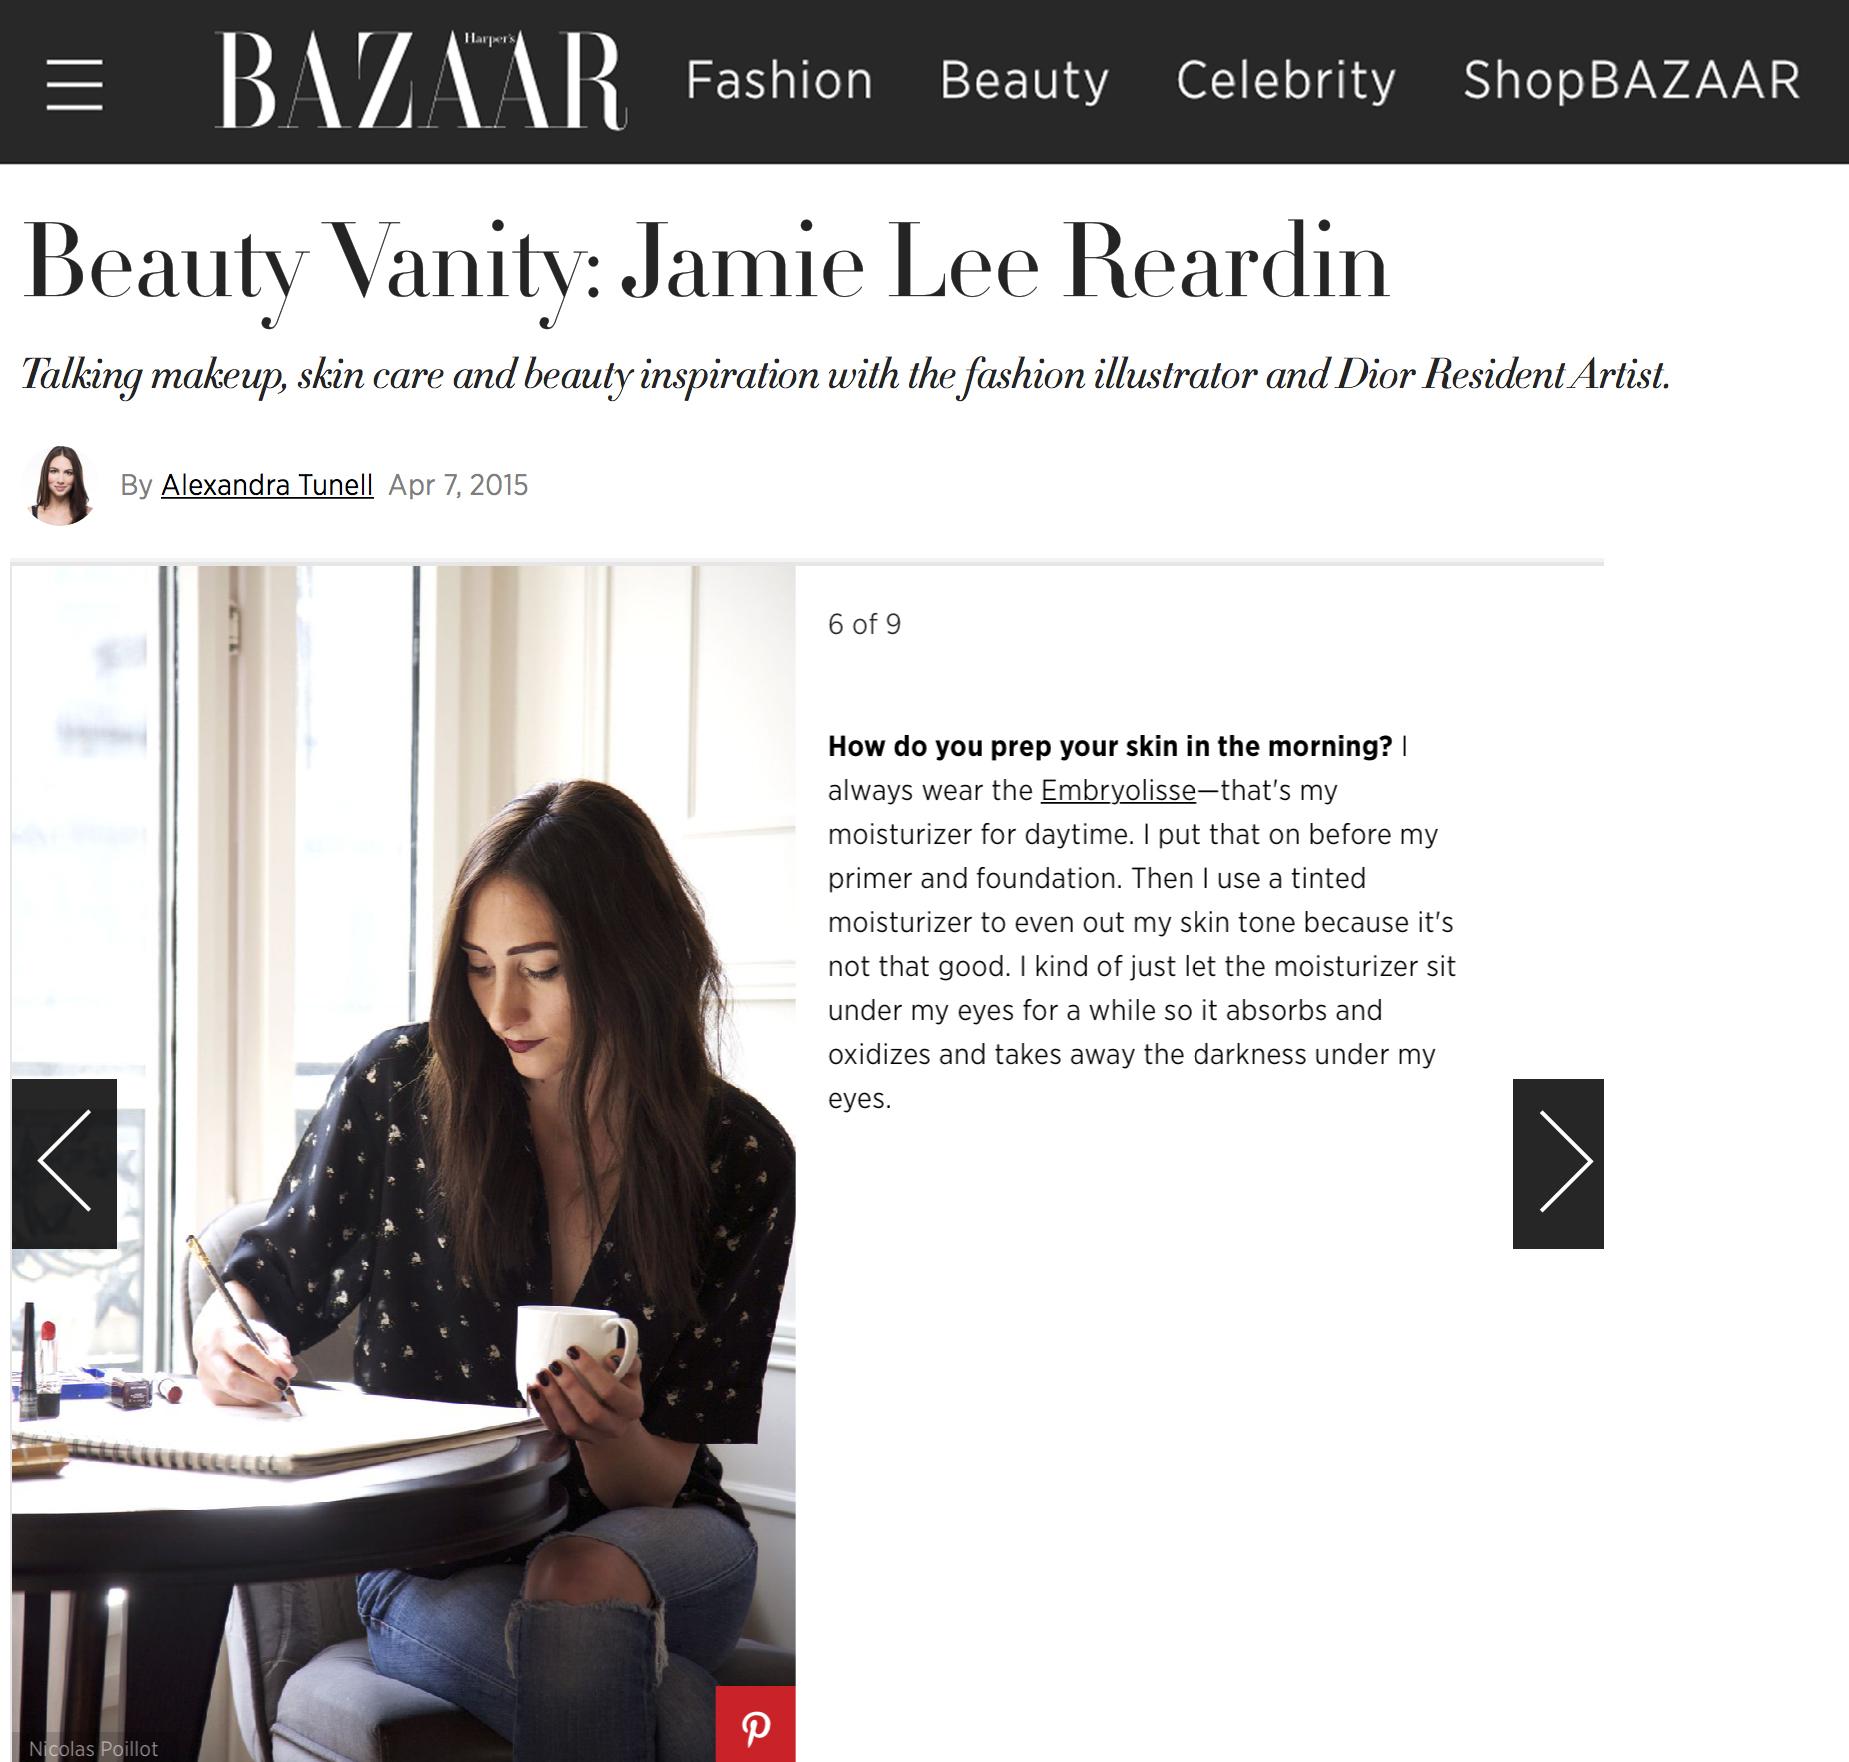 Harper's Bazaar Beauty Vanity